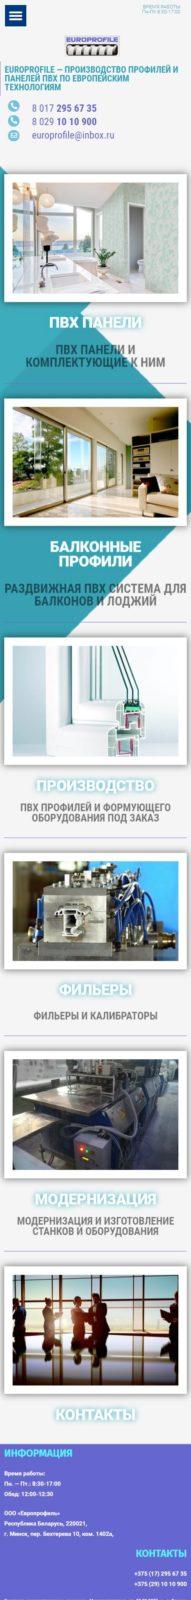 Сайт по изготовлению ПВХ панелей